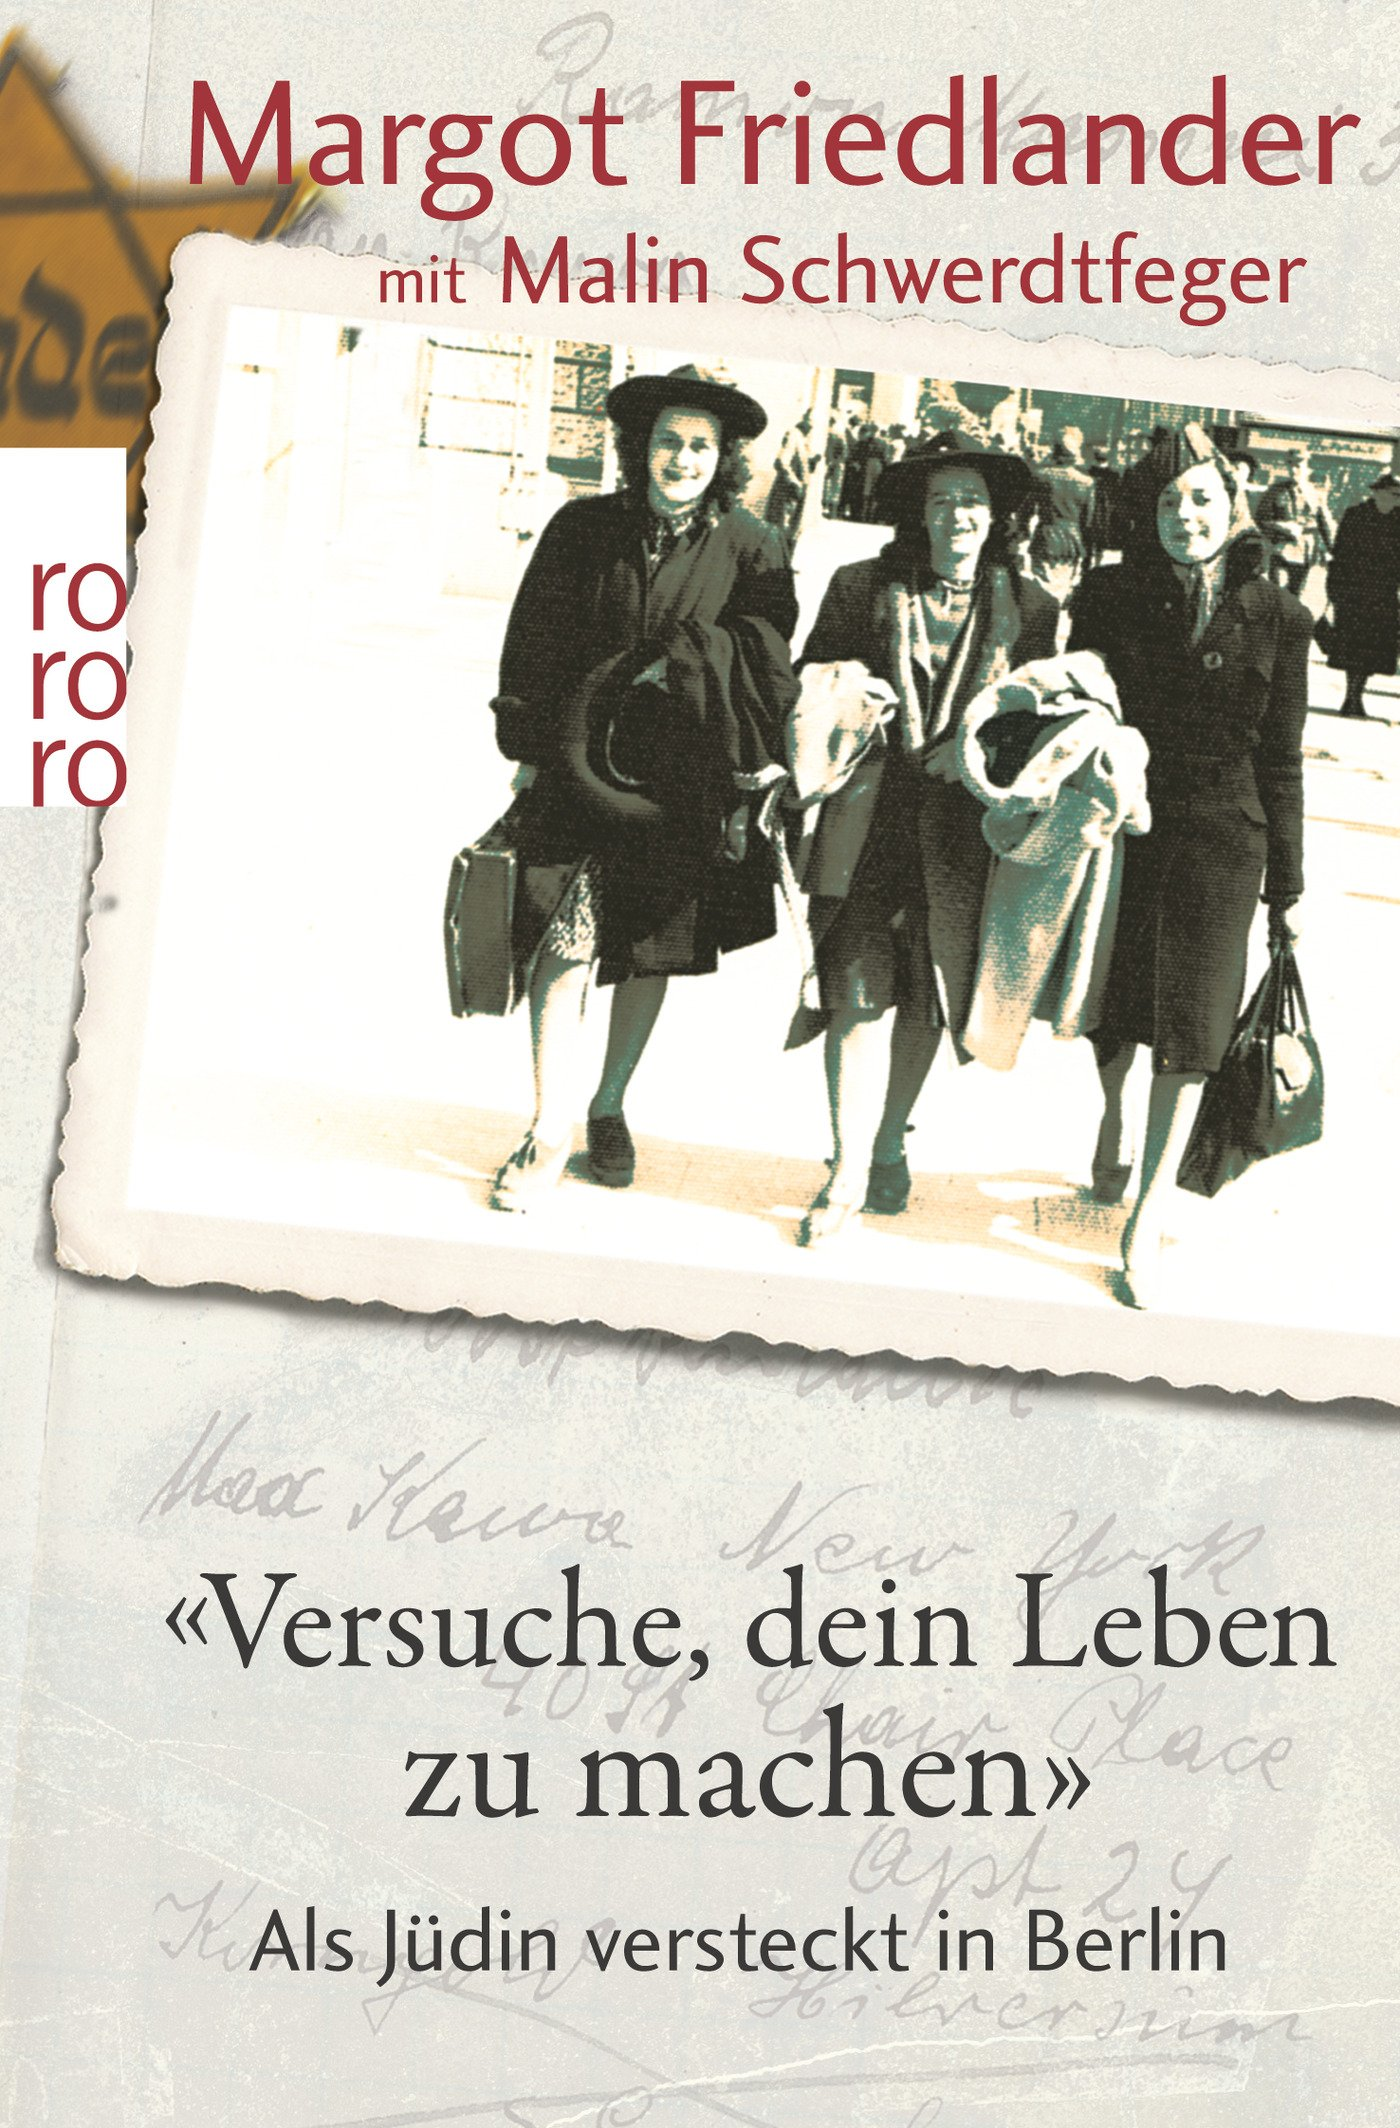 Versuche, dein Leben zu machen: Als Jüdin versteckt in Berlin Taschenbuch – 2. Januar 2010 Margot Friedlander Malin Schwerdtfeger Versuche Rowohlt Taschenbuch